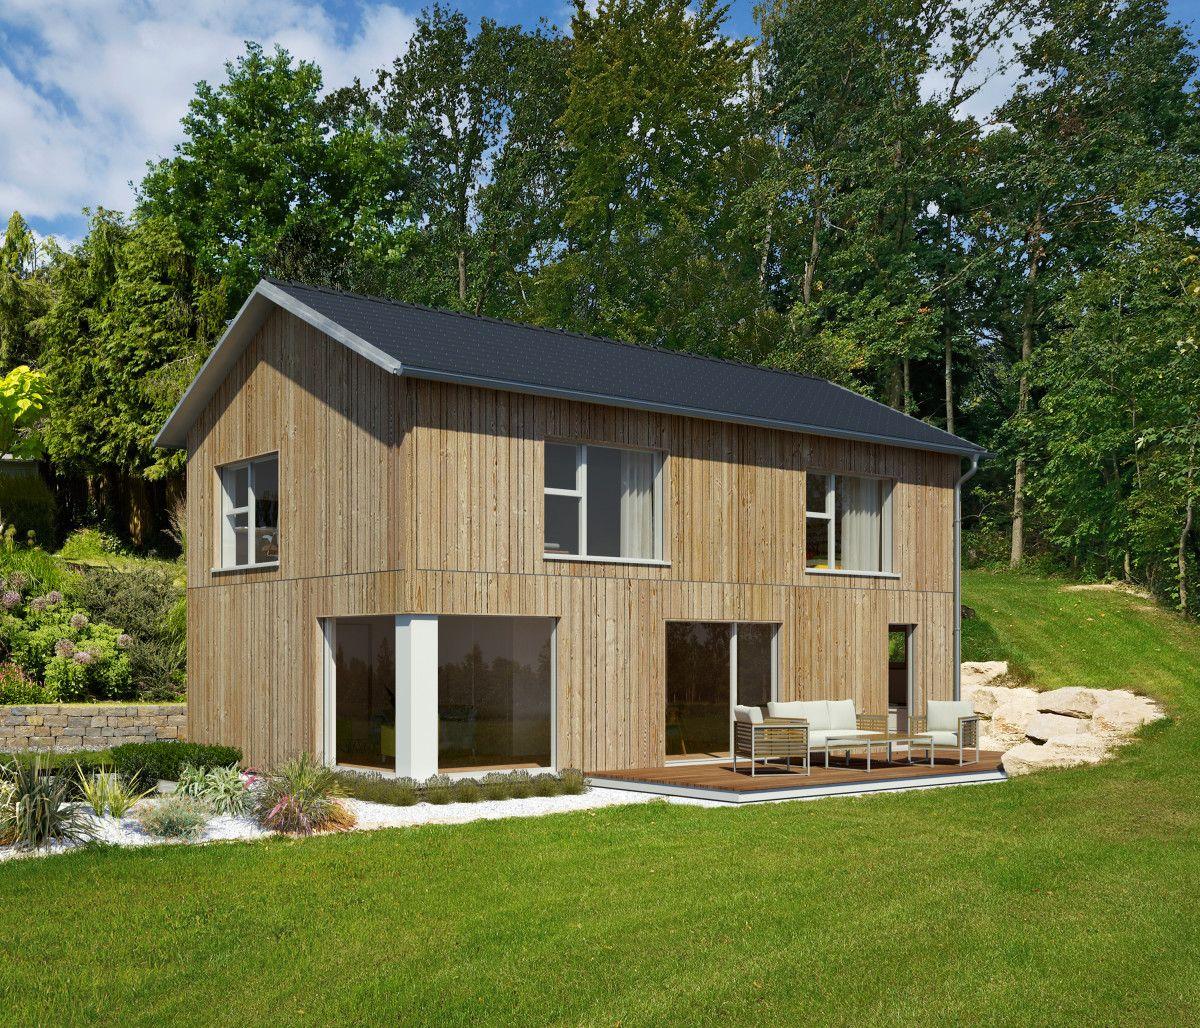 Mein Ideenhaus - Baufritz - http://www.hausbaudirekt.de/haus/mein ...